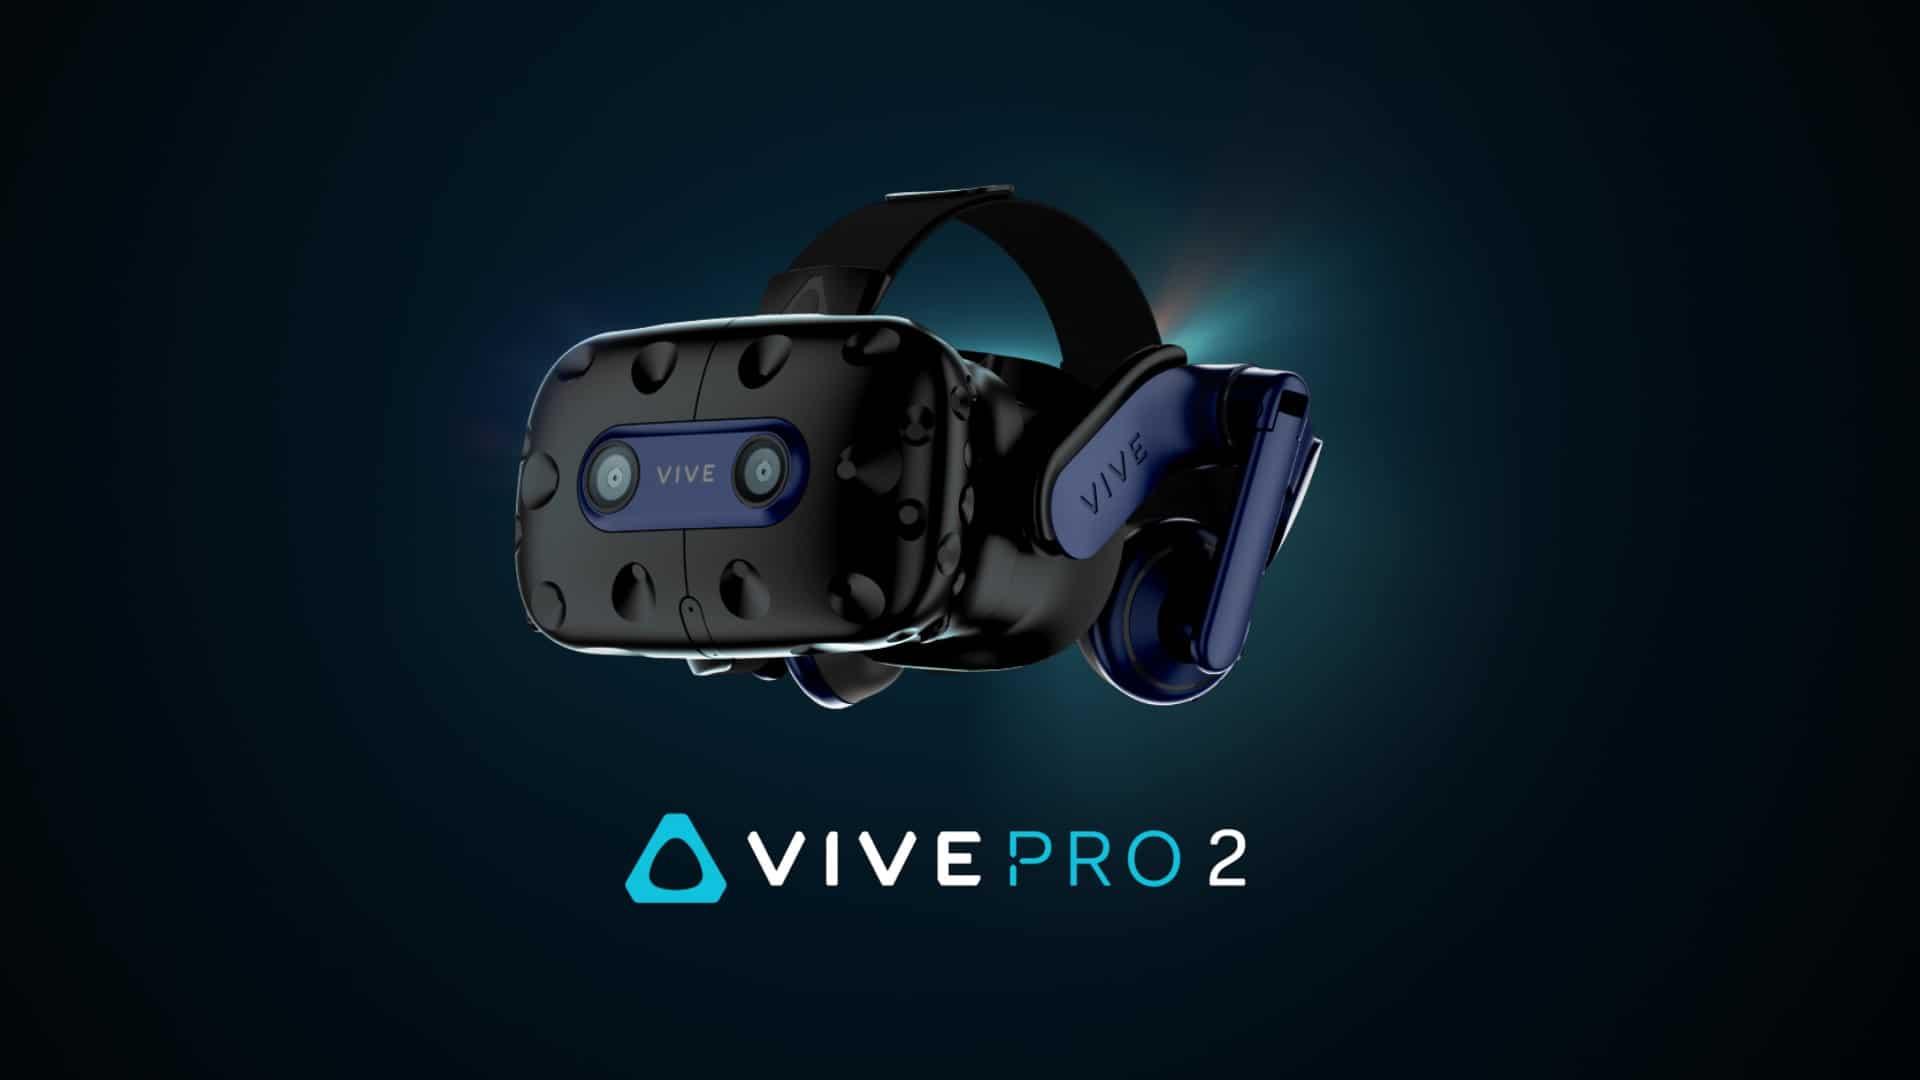 Vive Pro 2 Specs: 5K 120Hz LCD, Wider FoV, Price